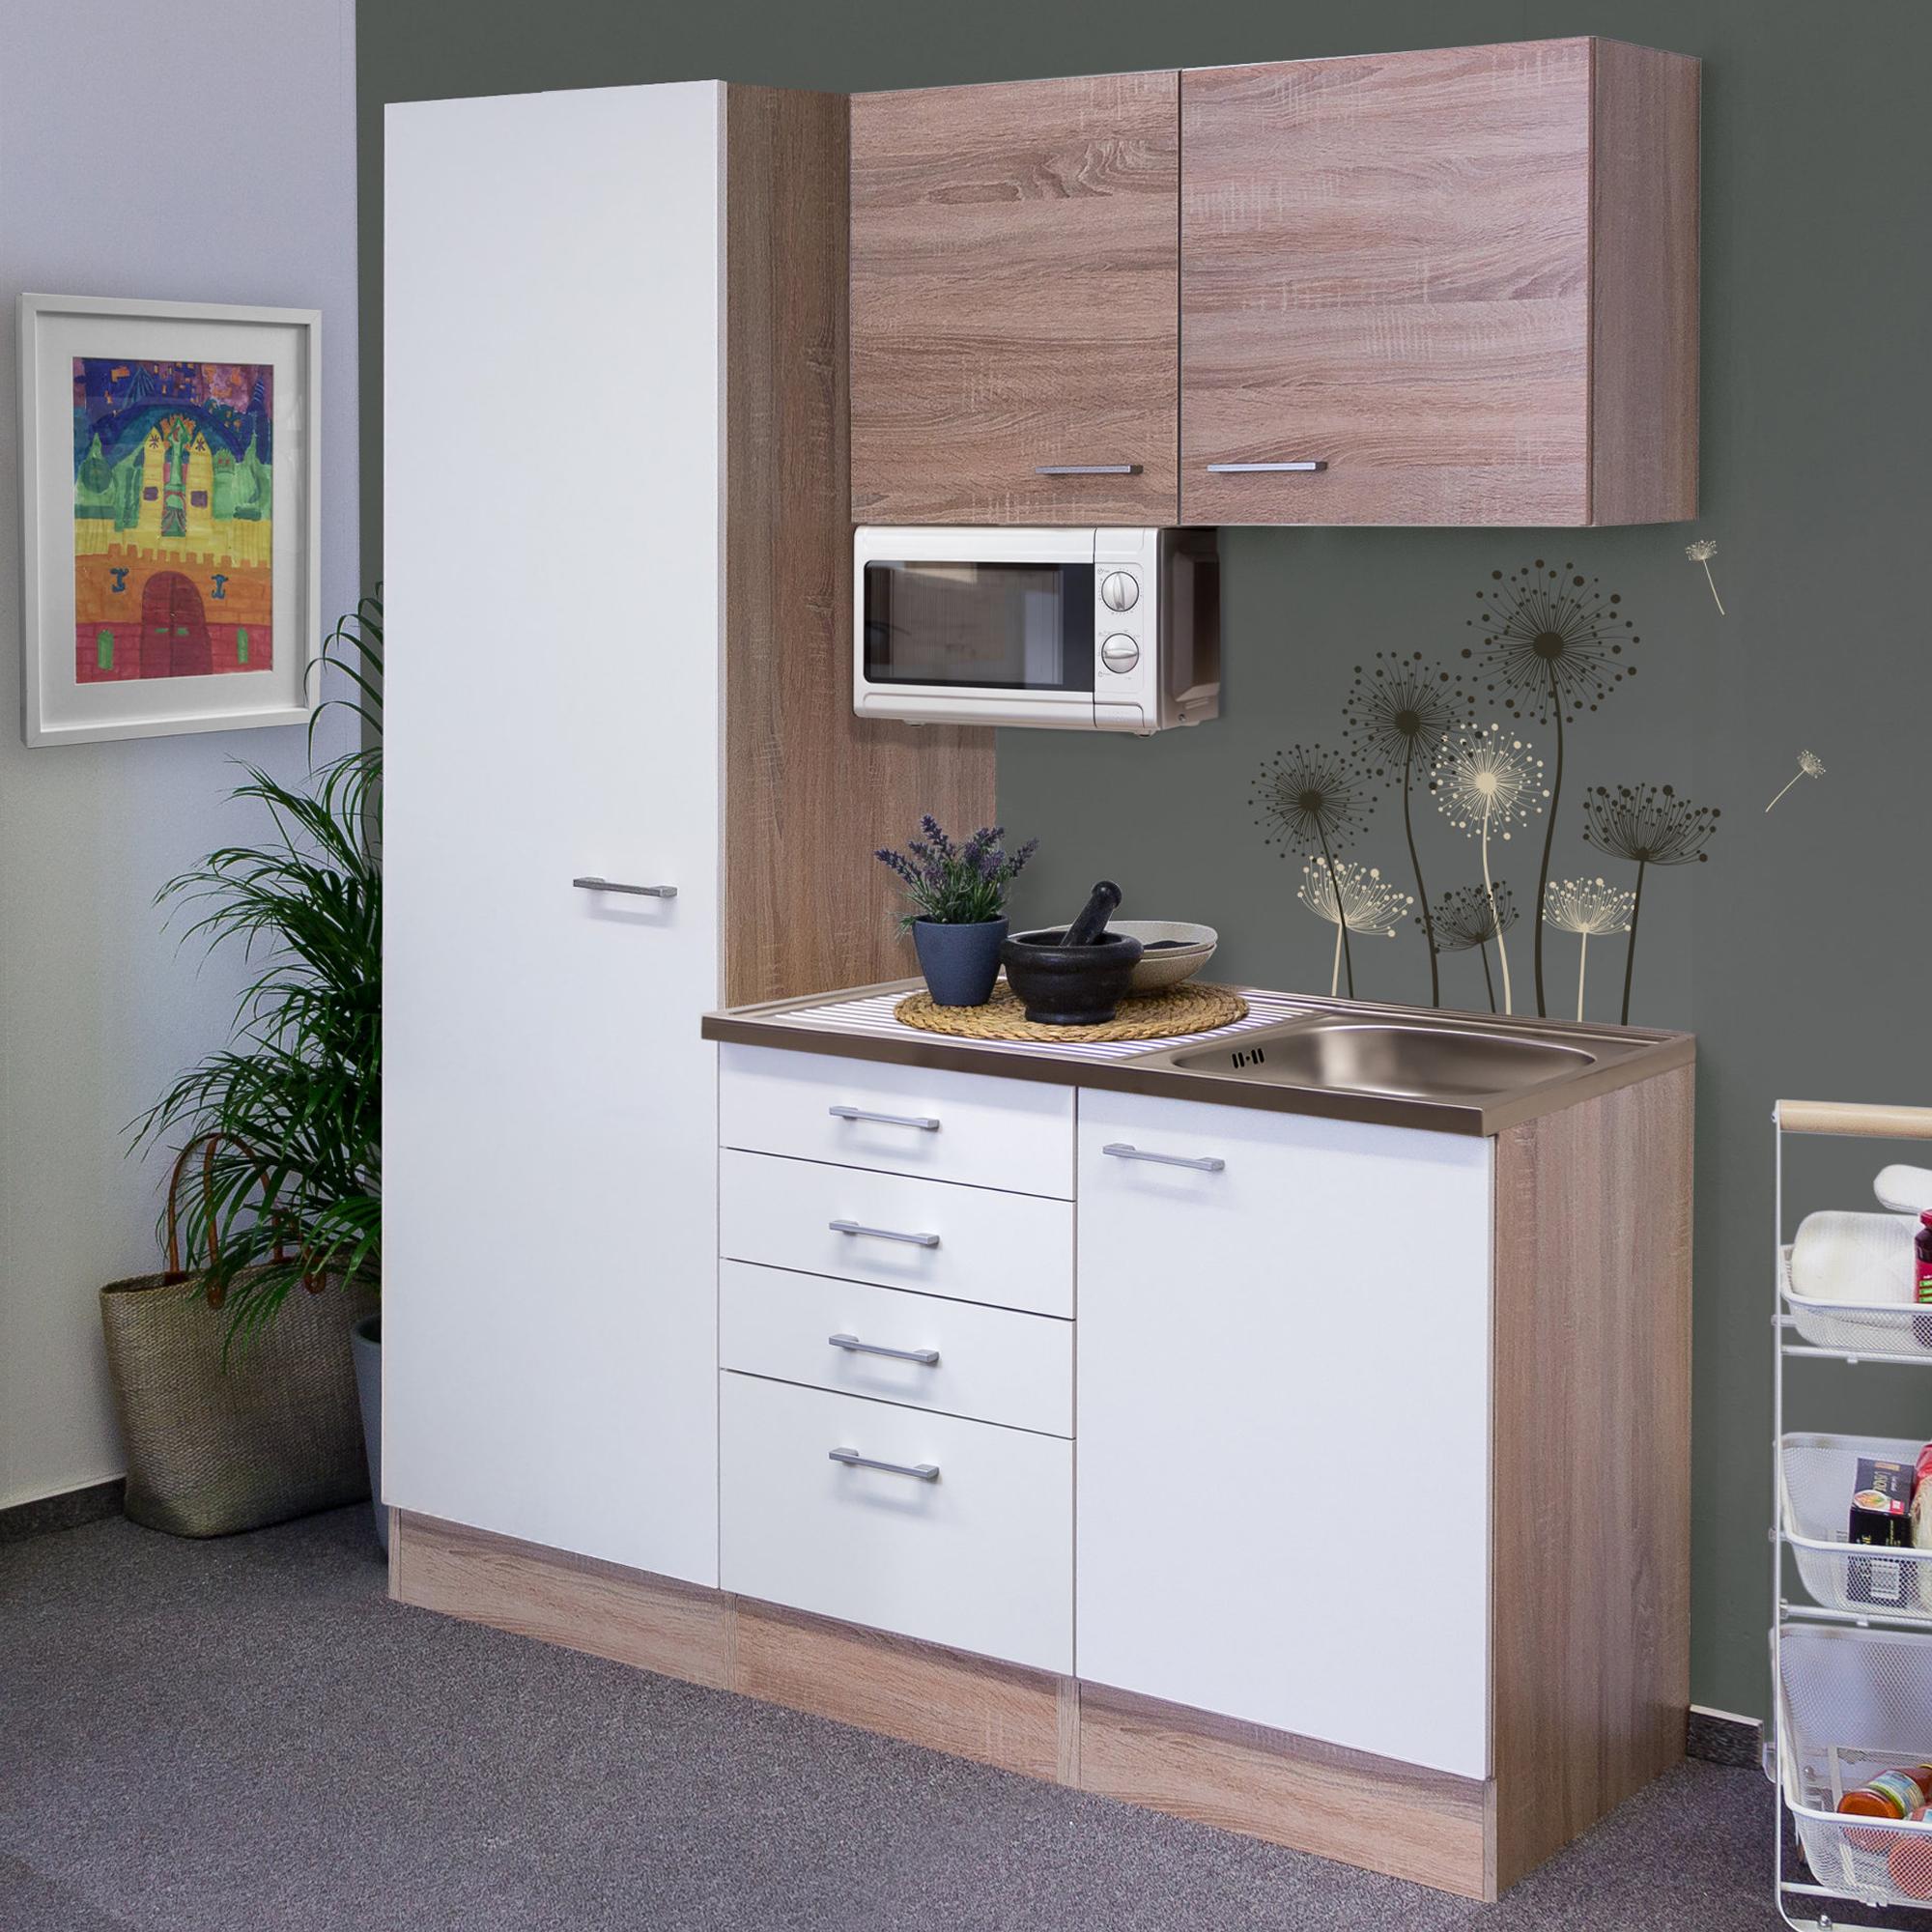 k chen hochschrank rom 1 t rig 50 cm breit wei k che hochschr nke. Black Bedroom Furniture Sets. Home Design Ideas